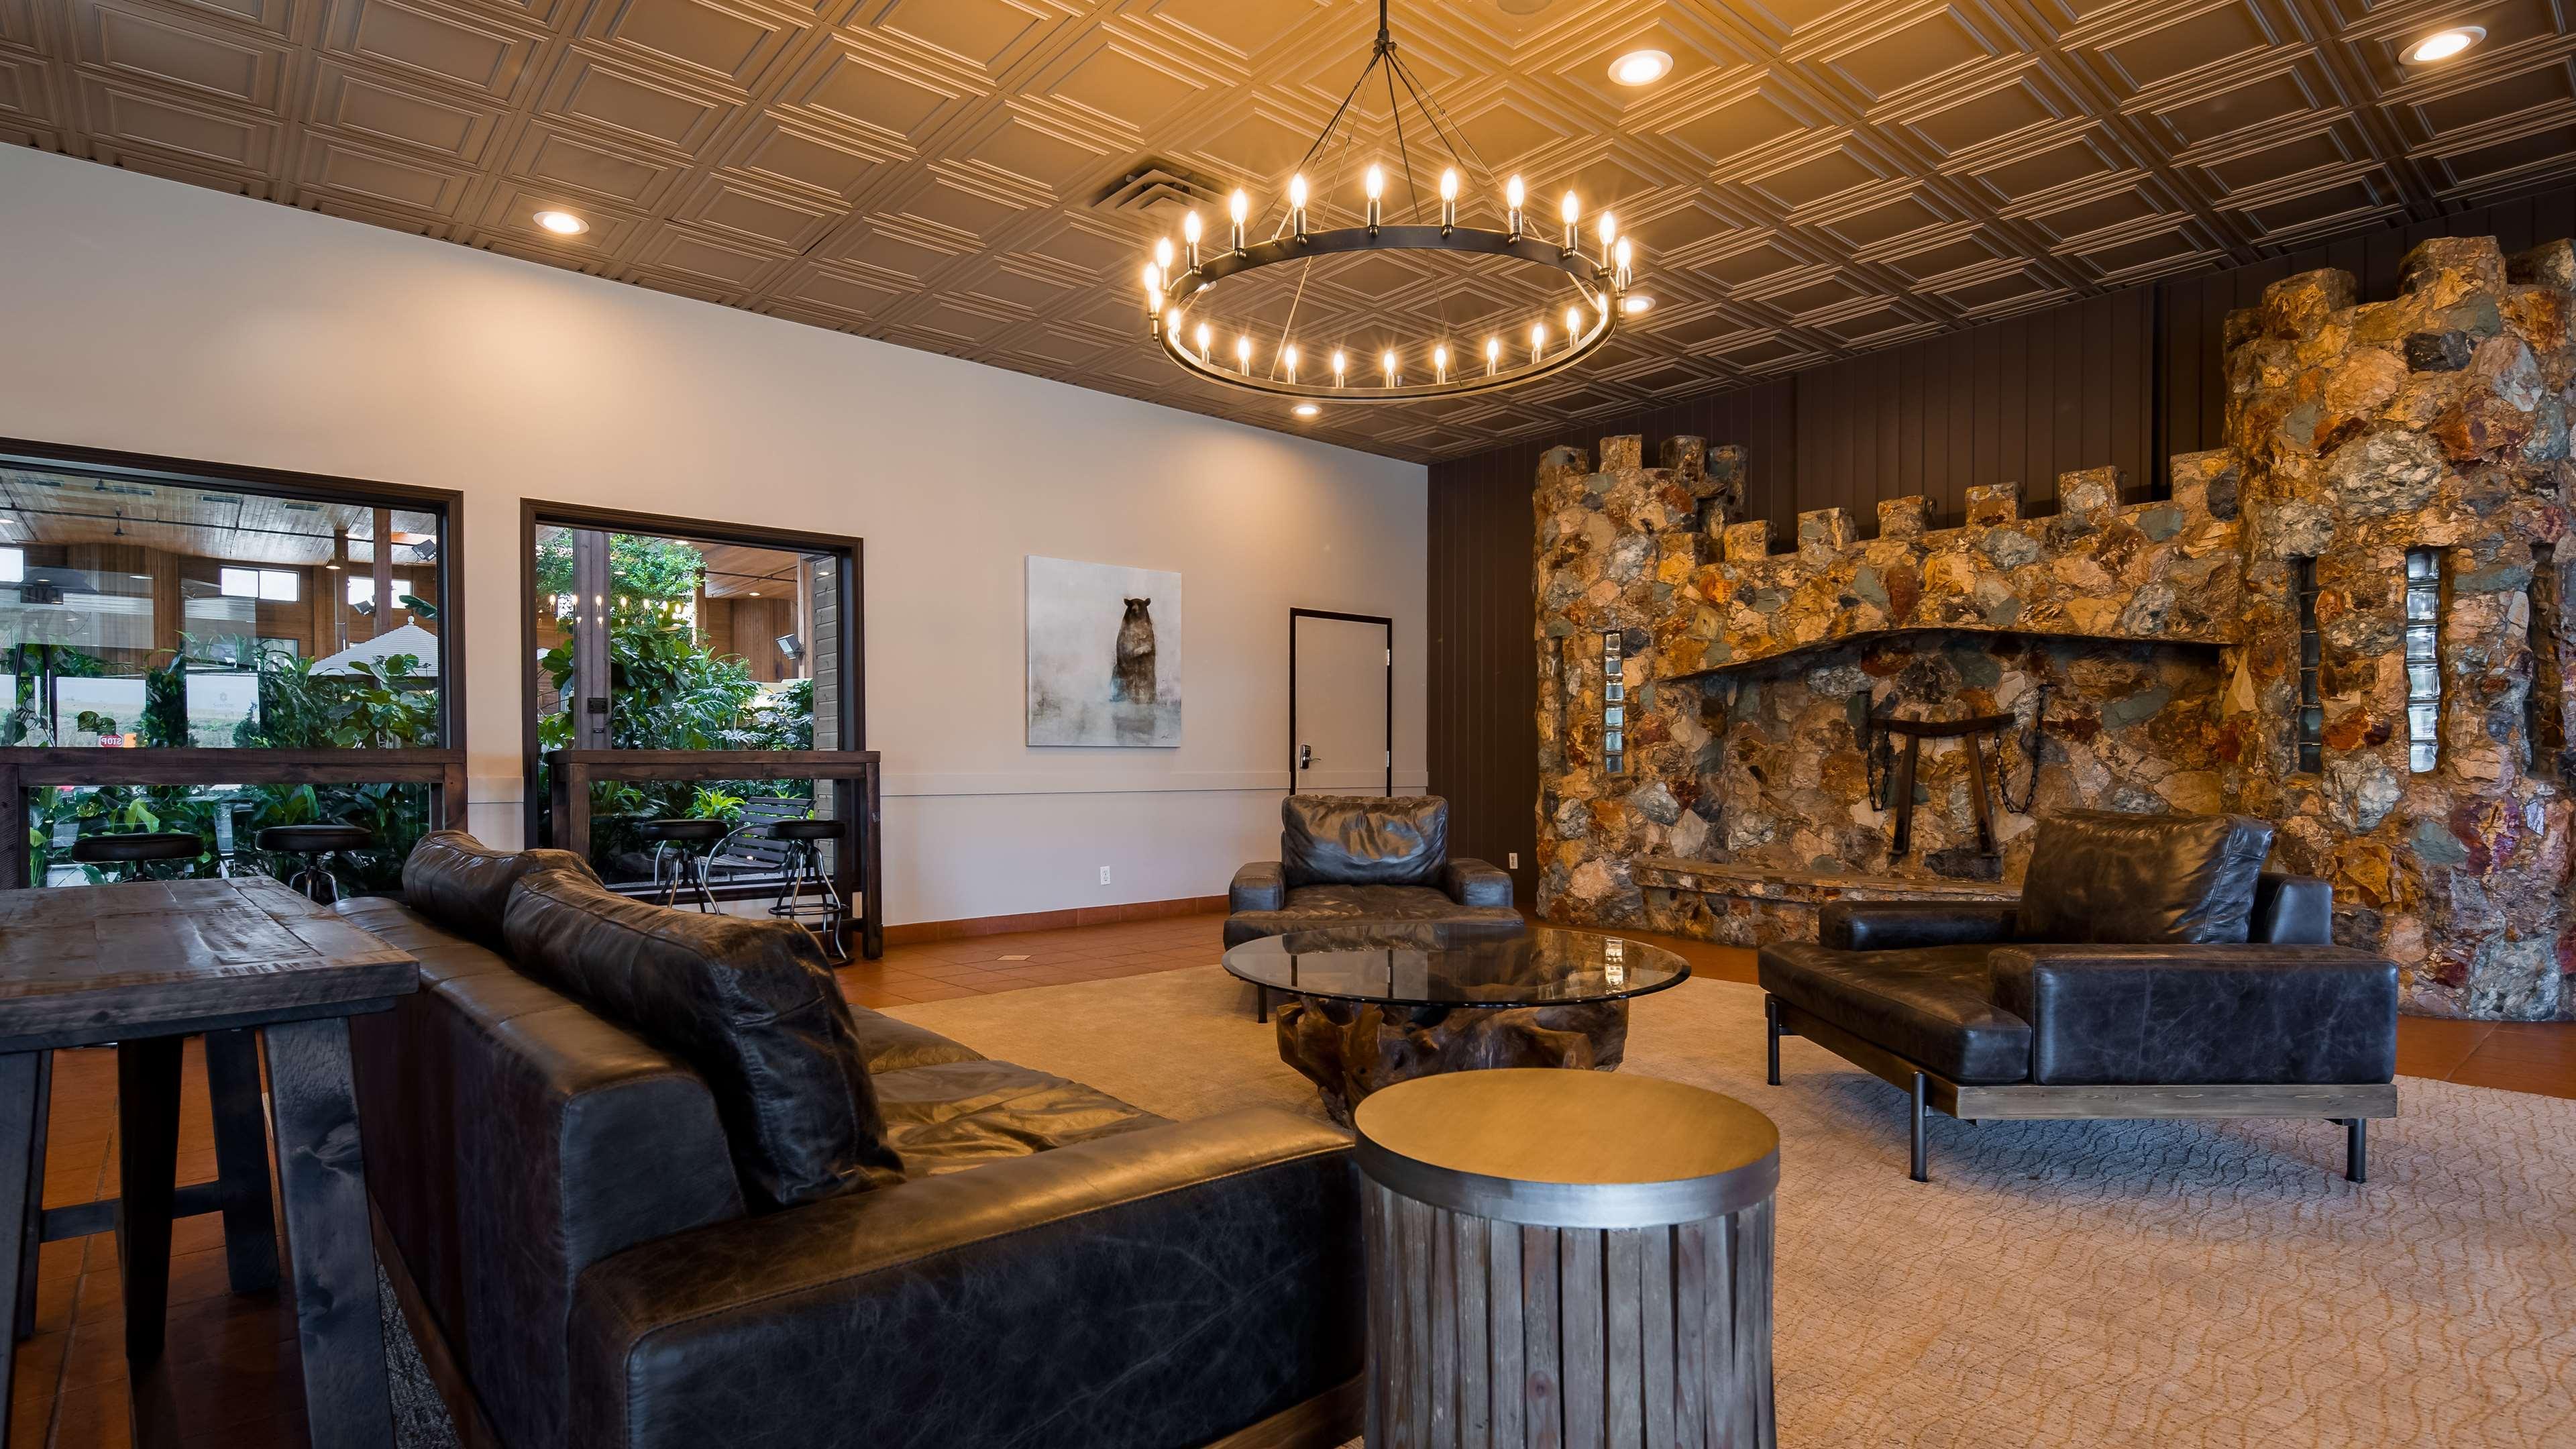 Surestay Hotel By Best Western Chilliwack in Chilliwack: SureStay Hotel by Best Western Chilliwack